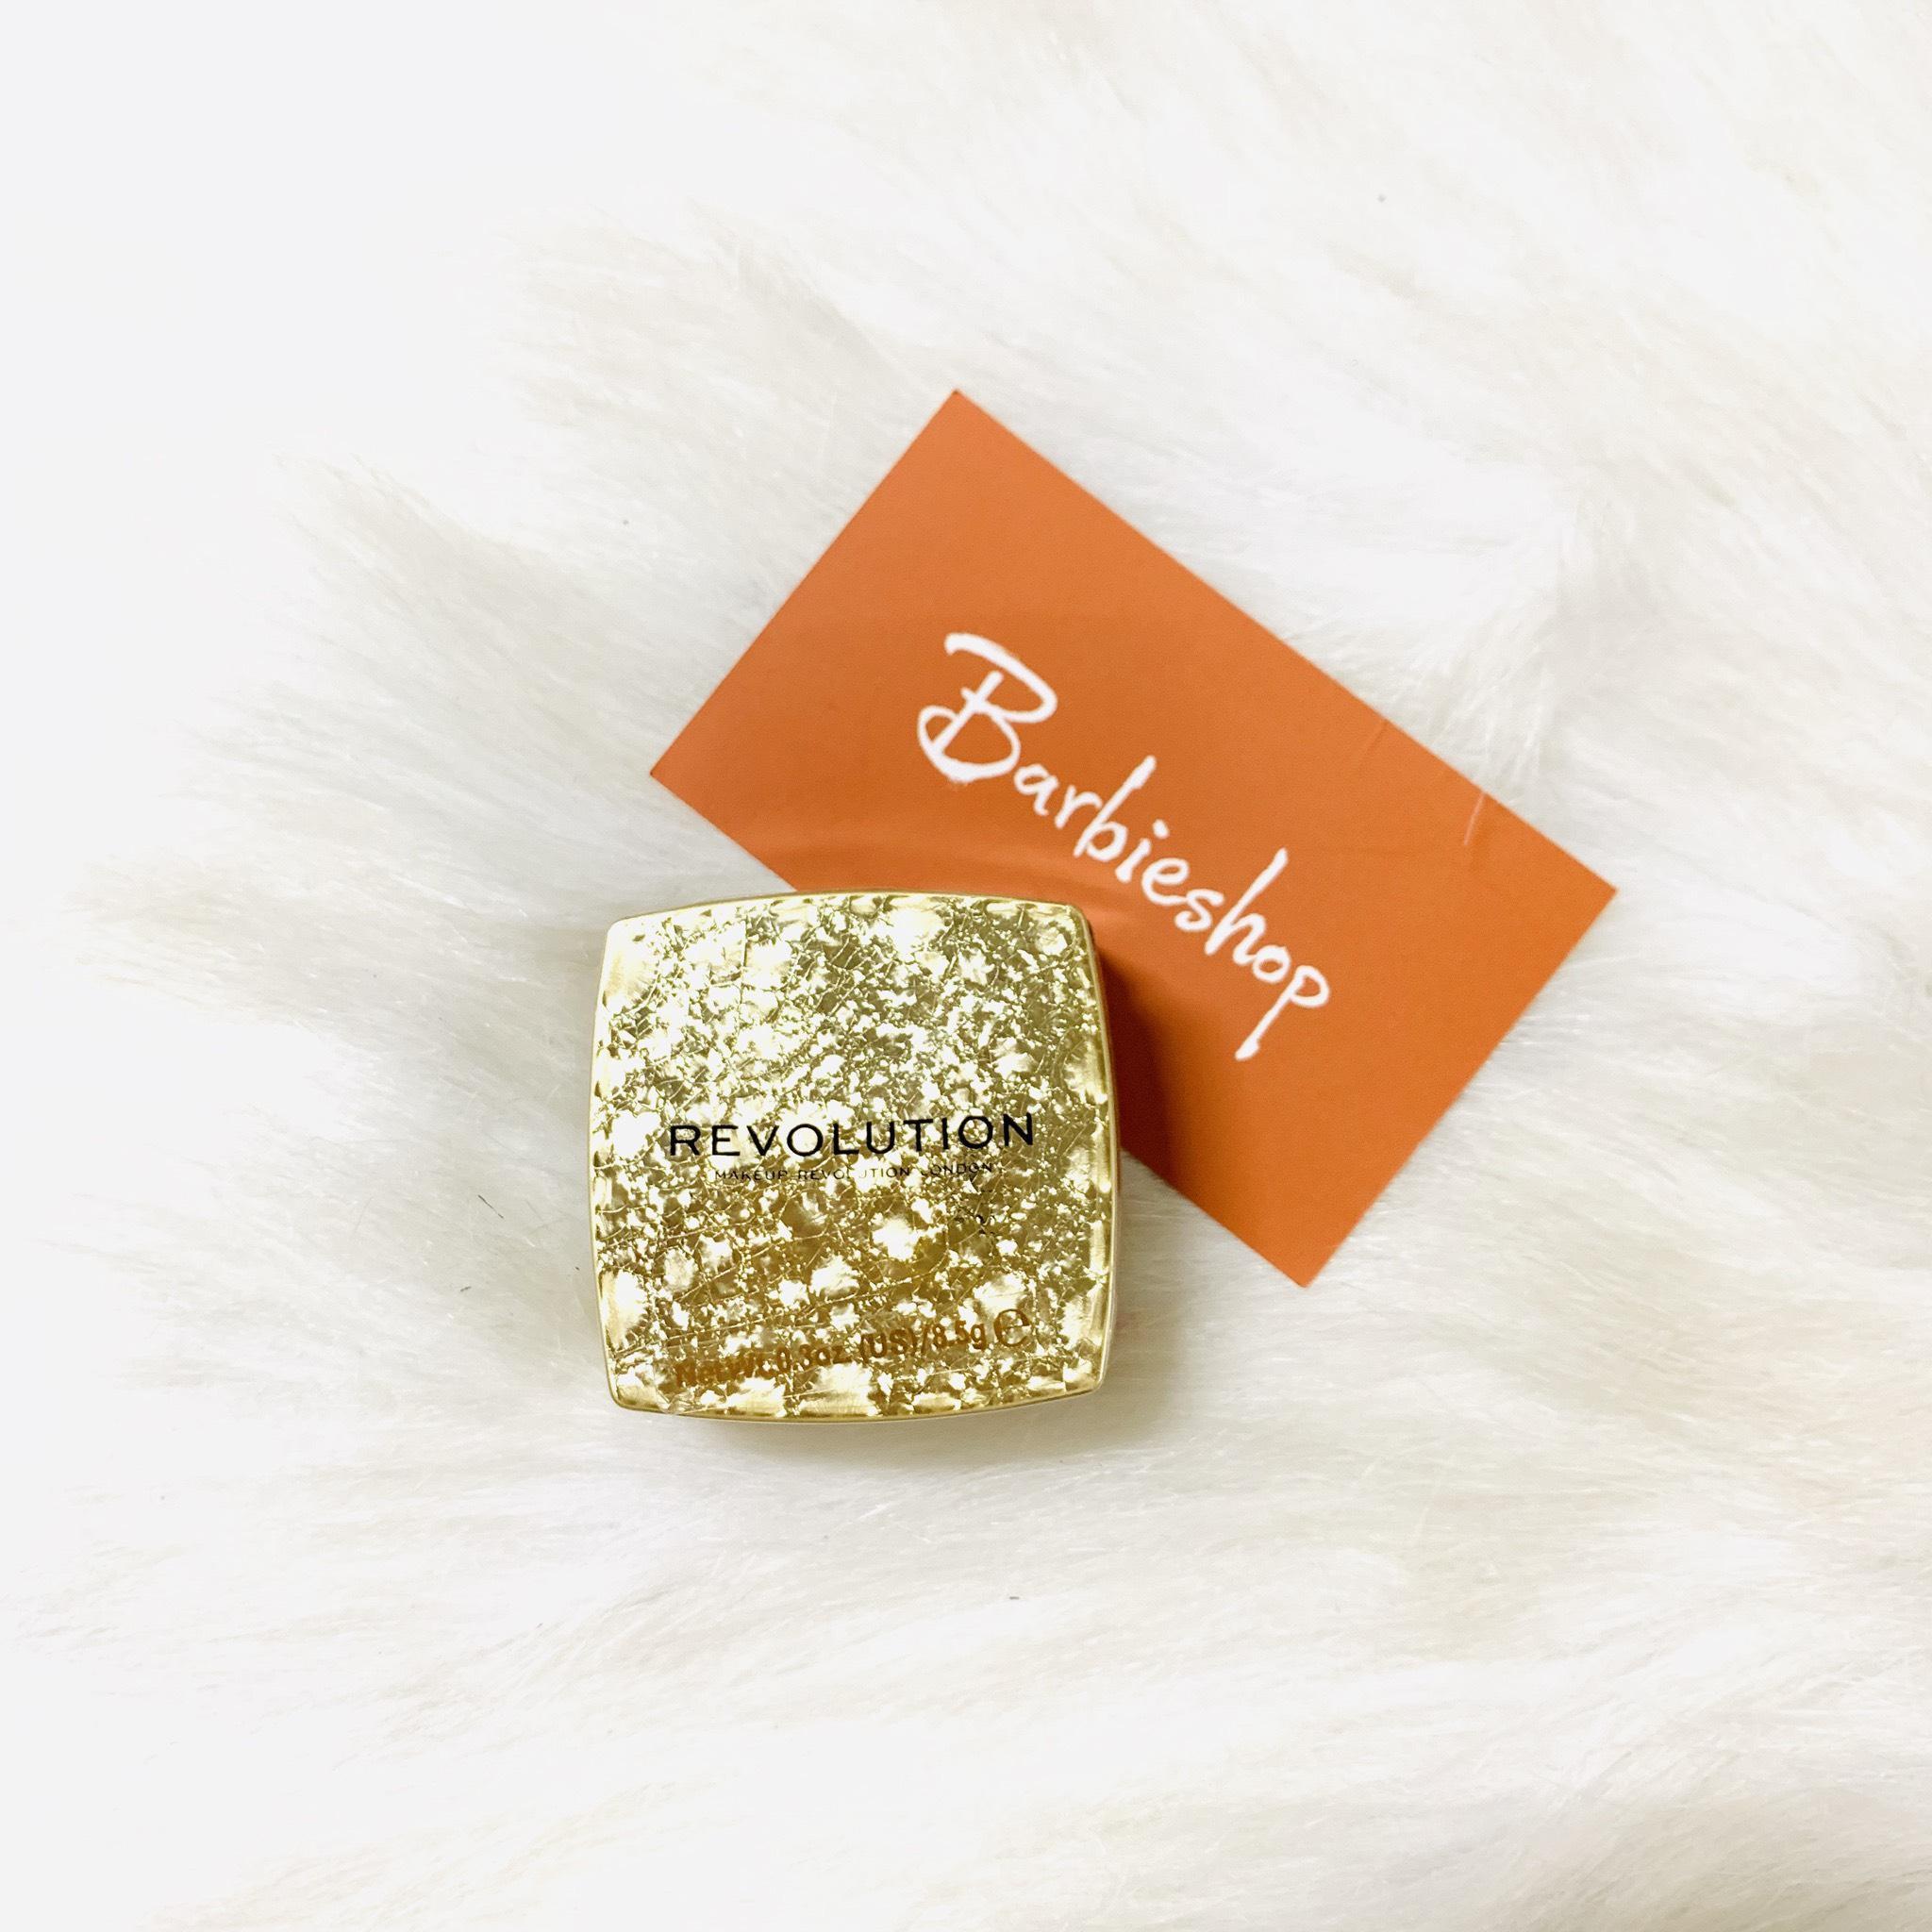 Bắt Sáng Dạng Thạch Nhũ Revolution Jewel Collection Jelly tốt nhất